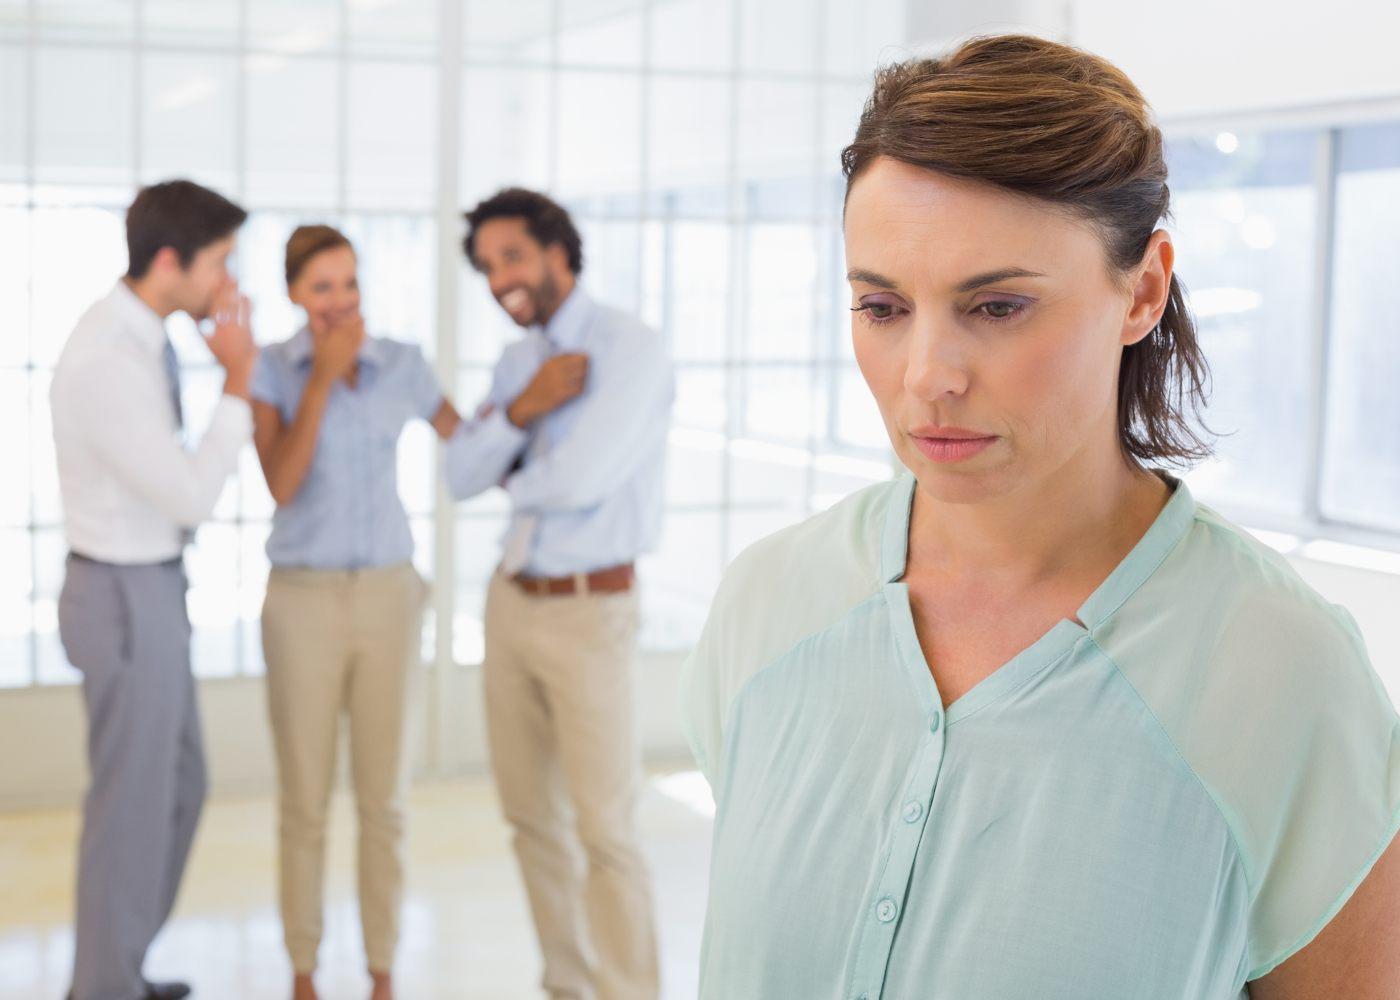 mulher a ser gozada por colegas de trabalho